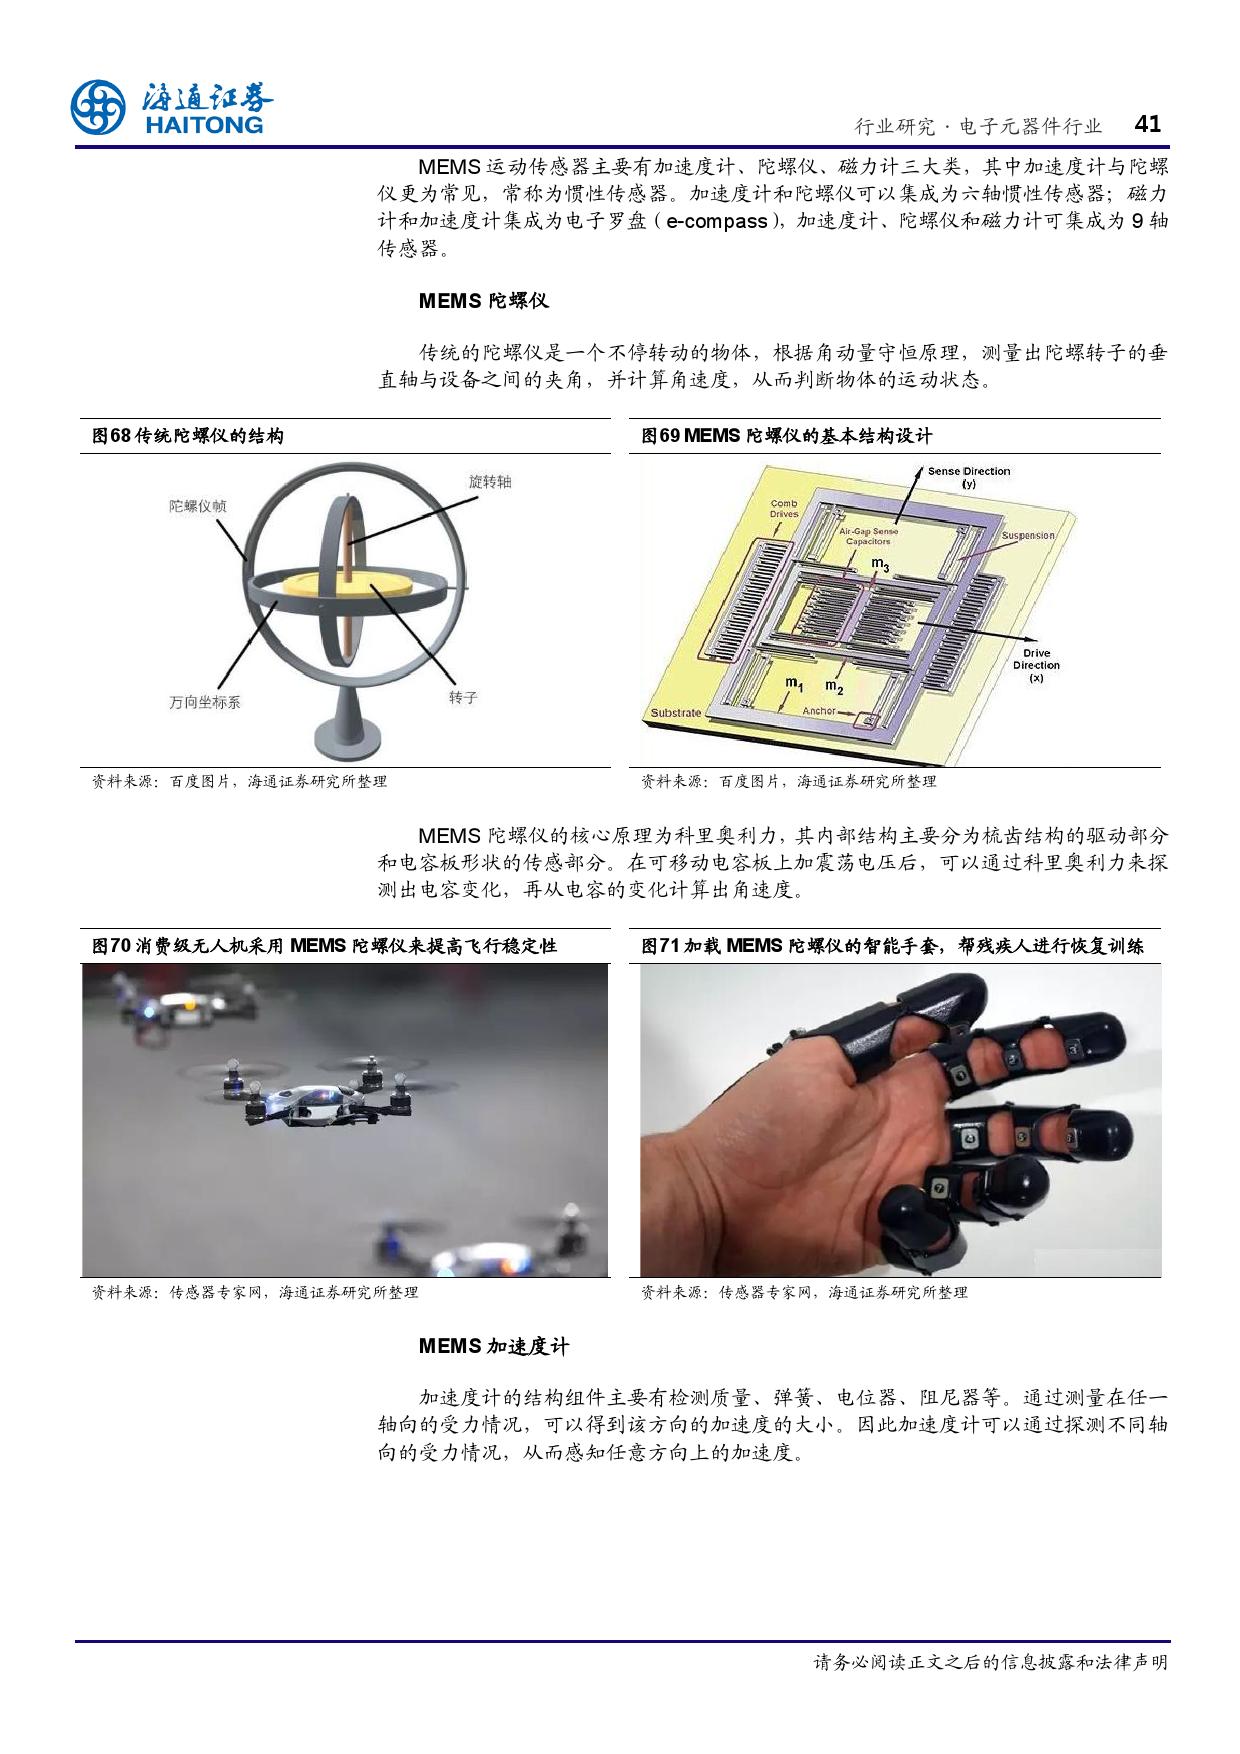 报告全解传感器全球产业链_000041